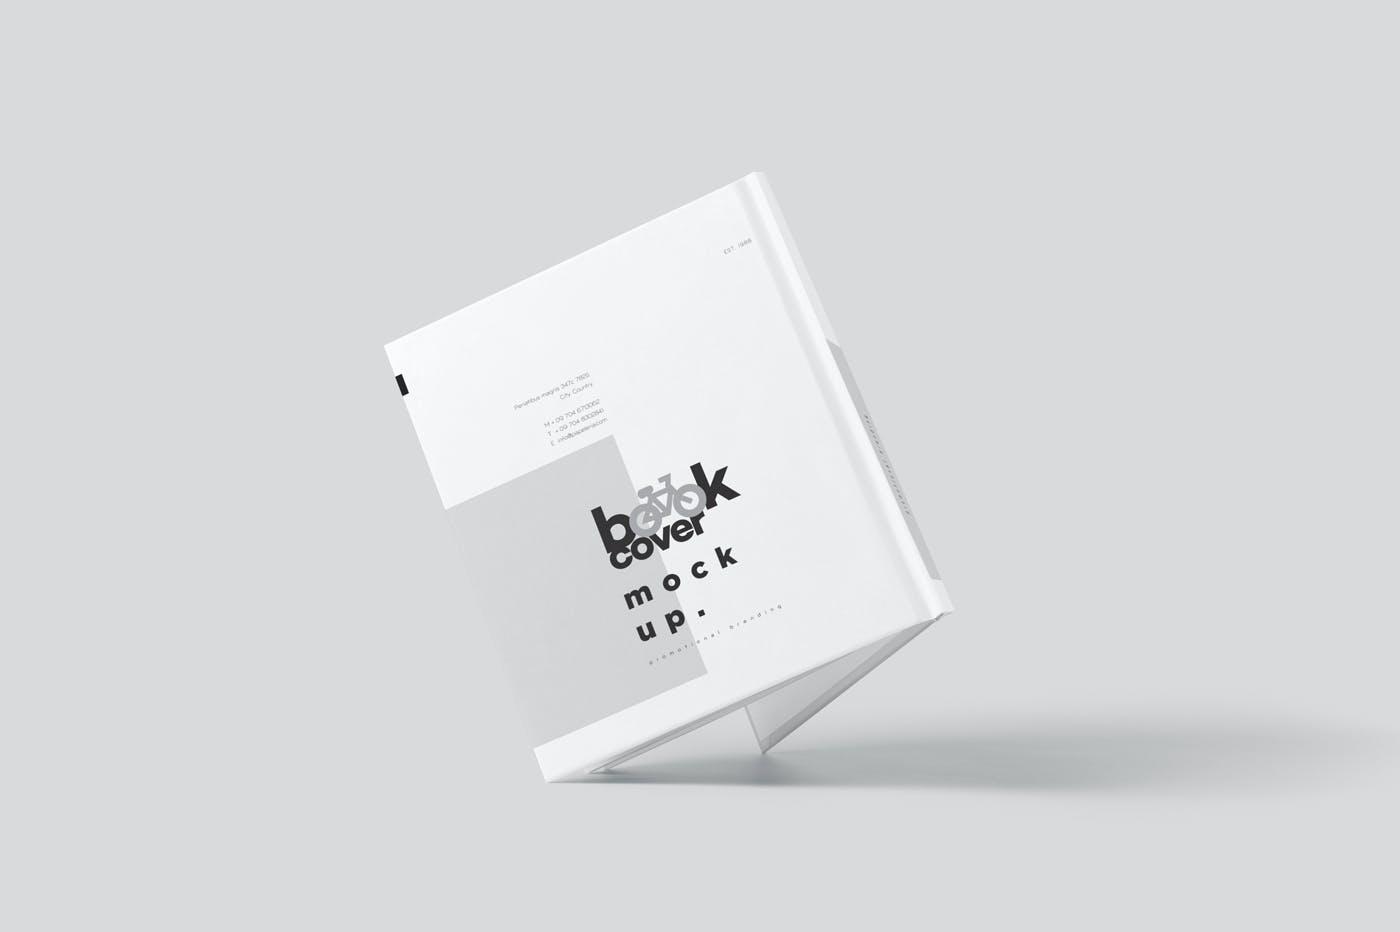 6款悬浮精装书画册设计展示贴图样机模板 Floating Hardcover Book Mockups插图7